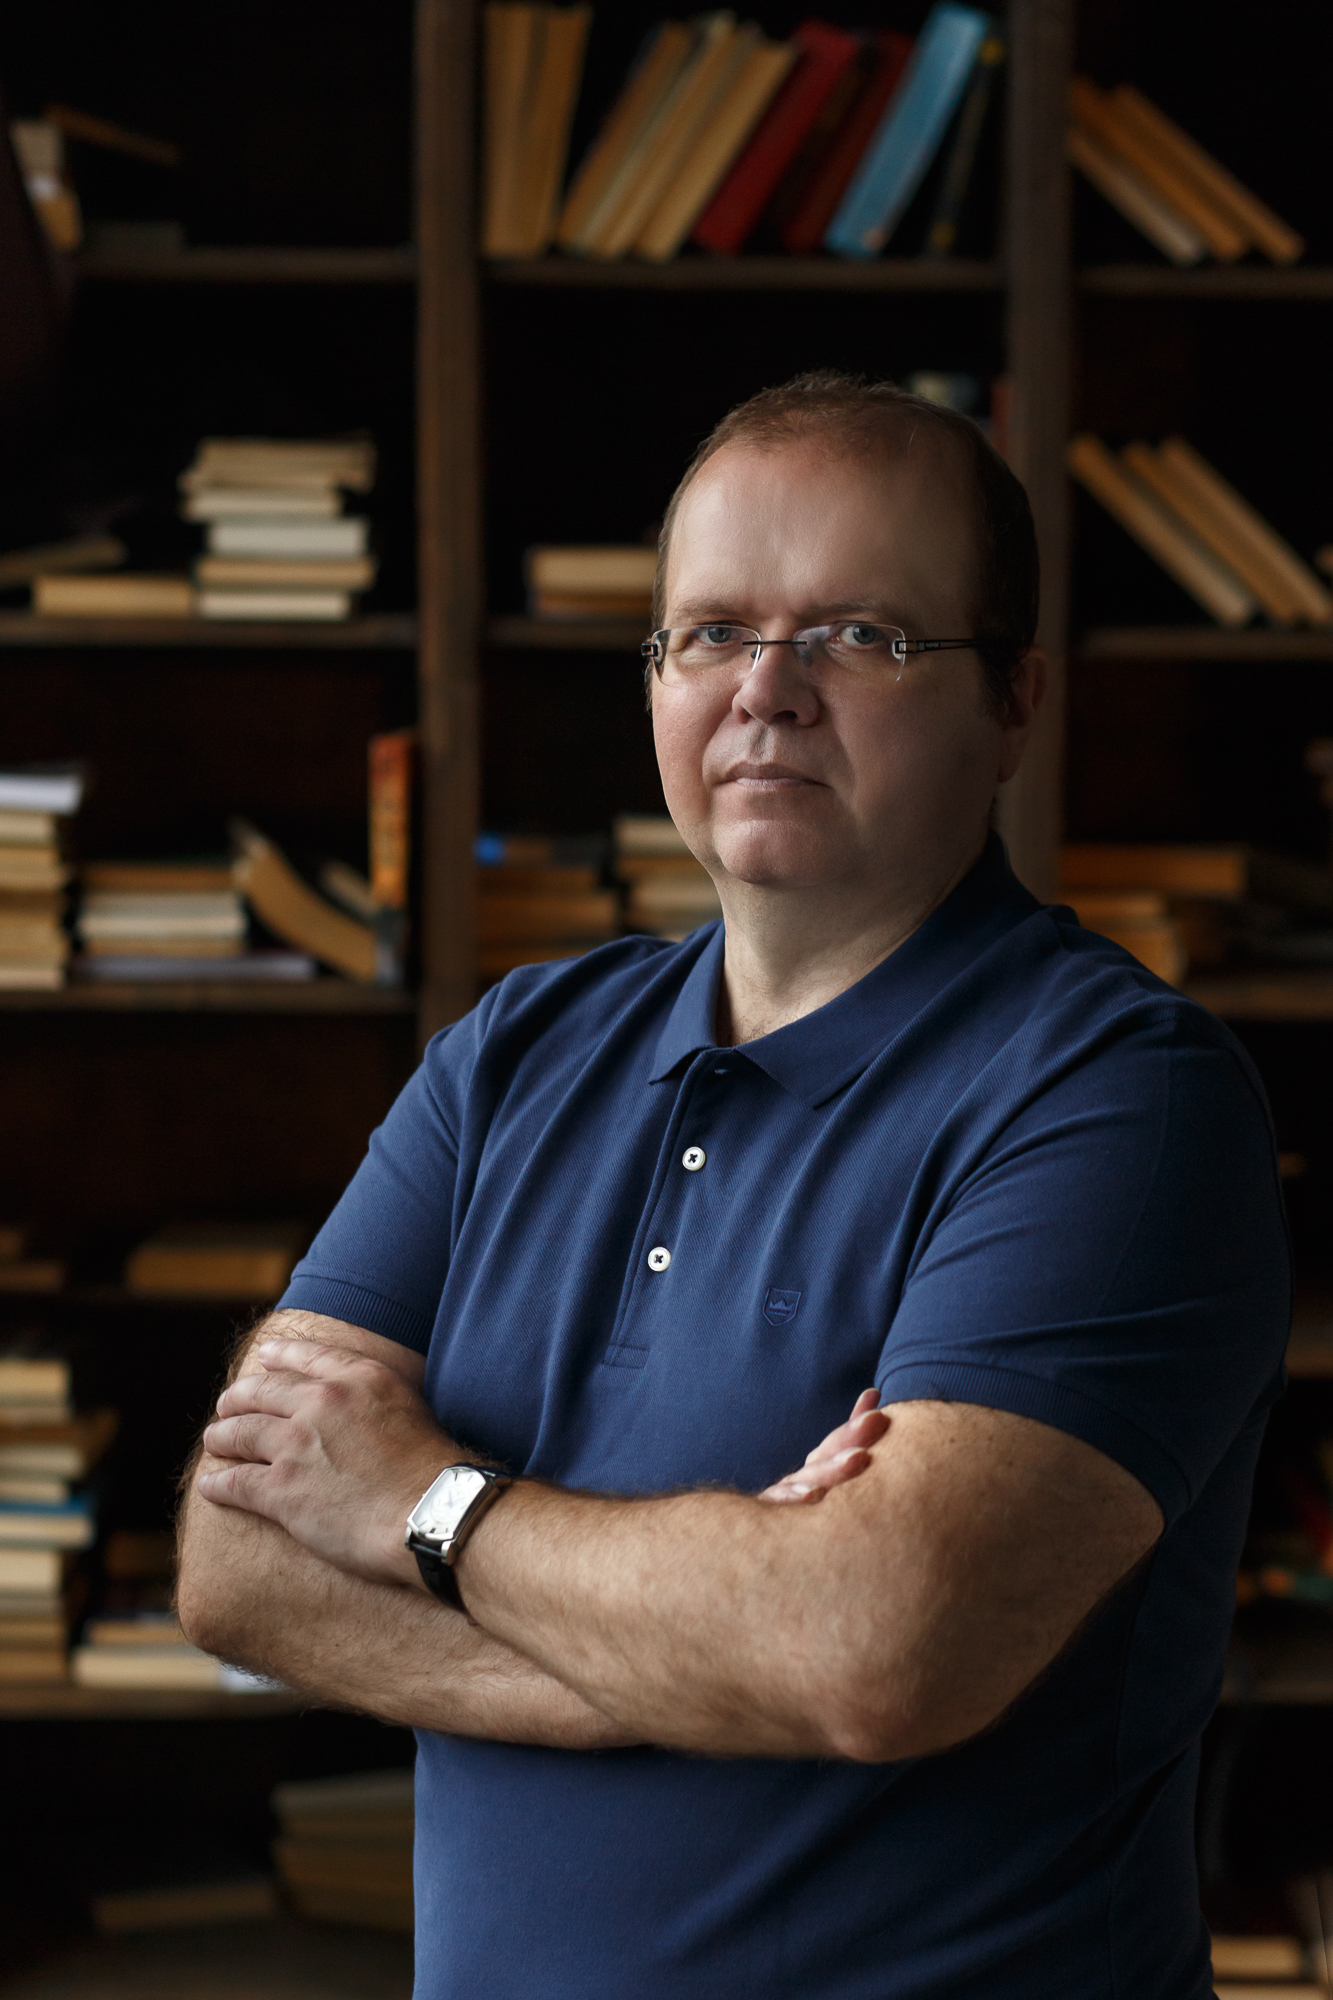 Константин Шереметьев - автор методики обучения программирования для начинающих